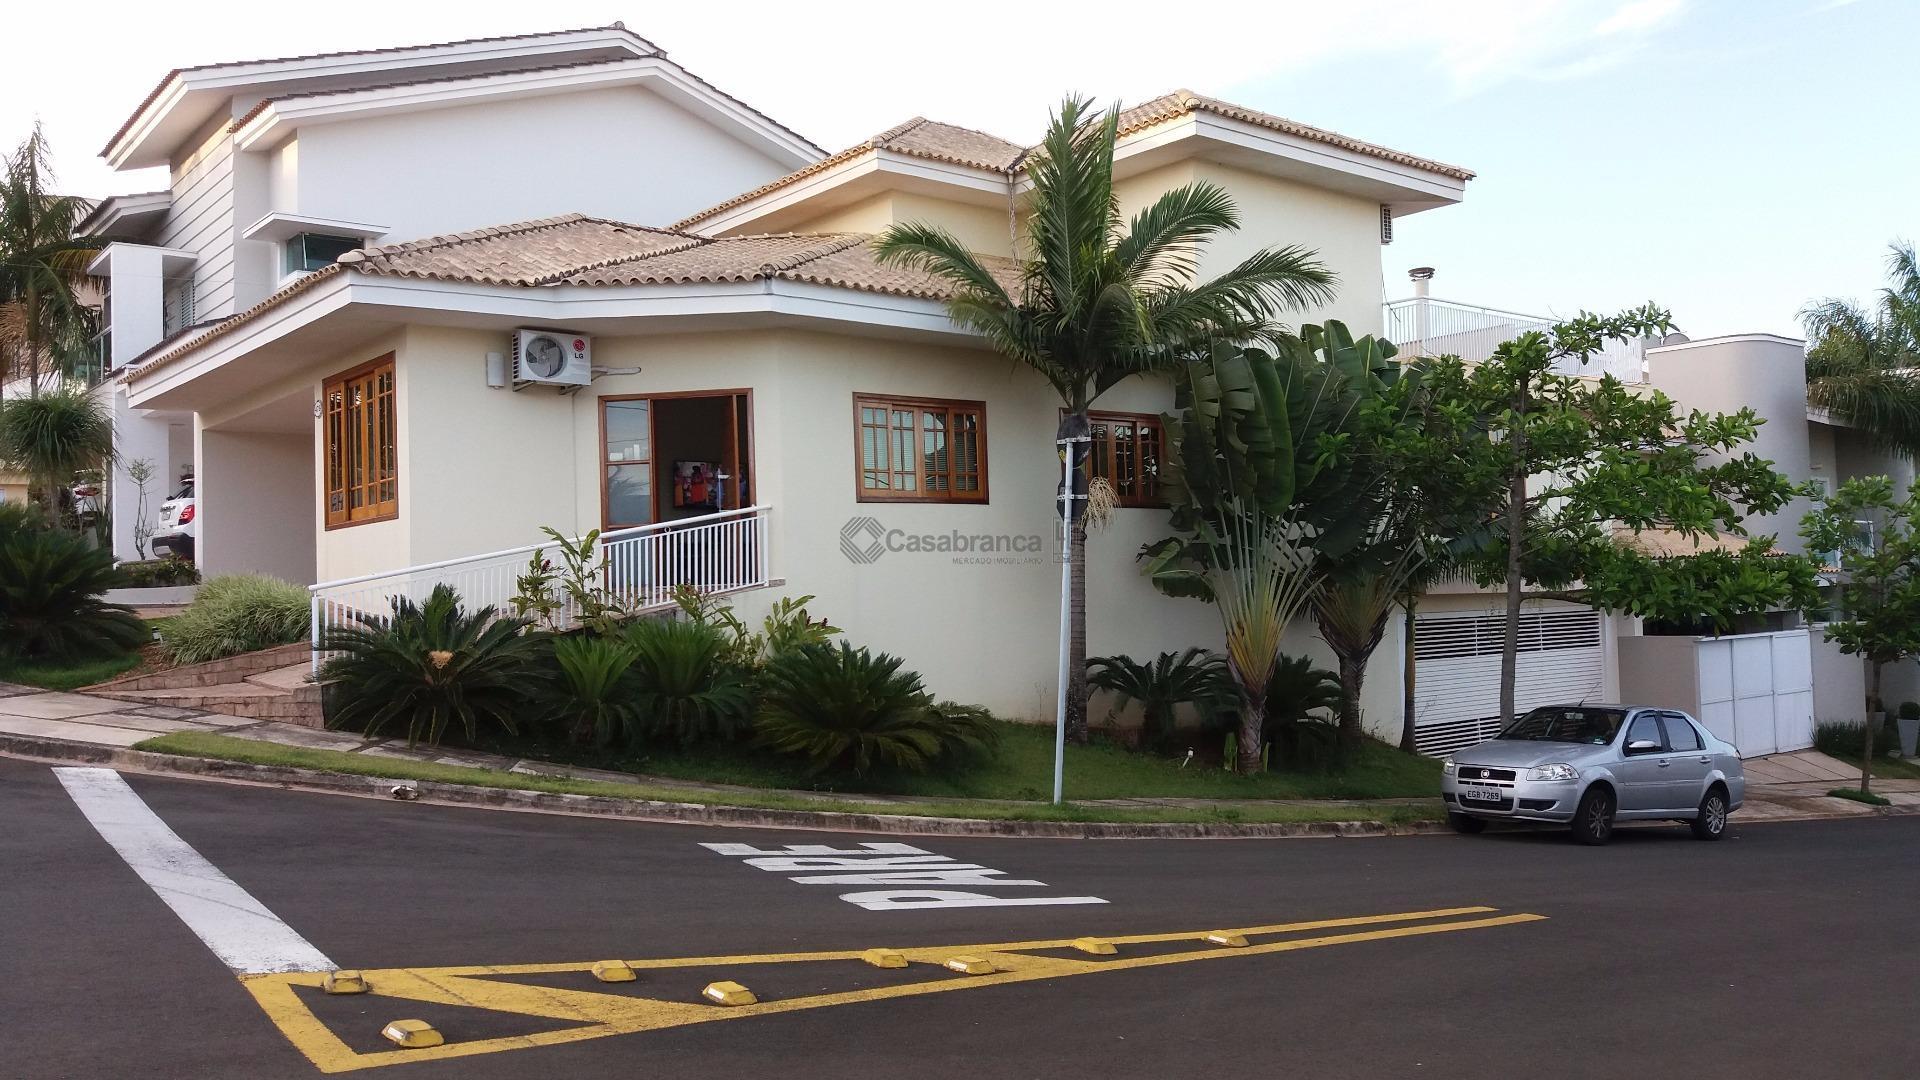 Sobrado residencial à venda, Condomínio Vila dos Inglezes, Sorocaba - SO2562.